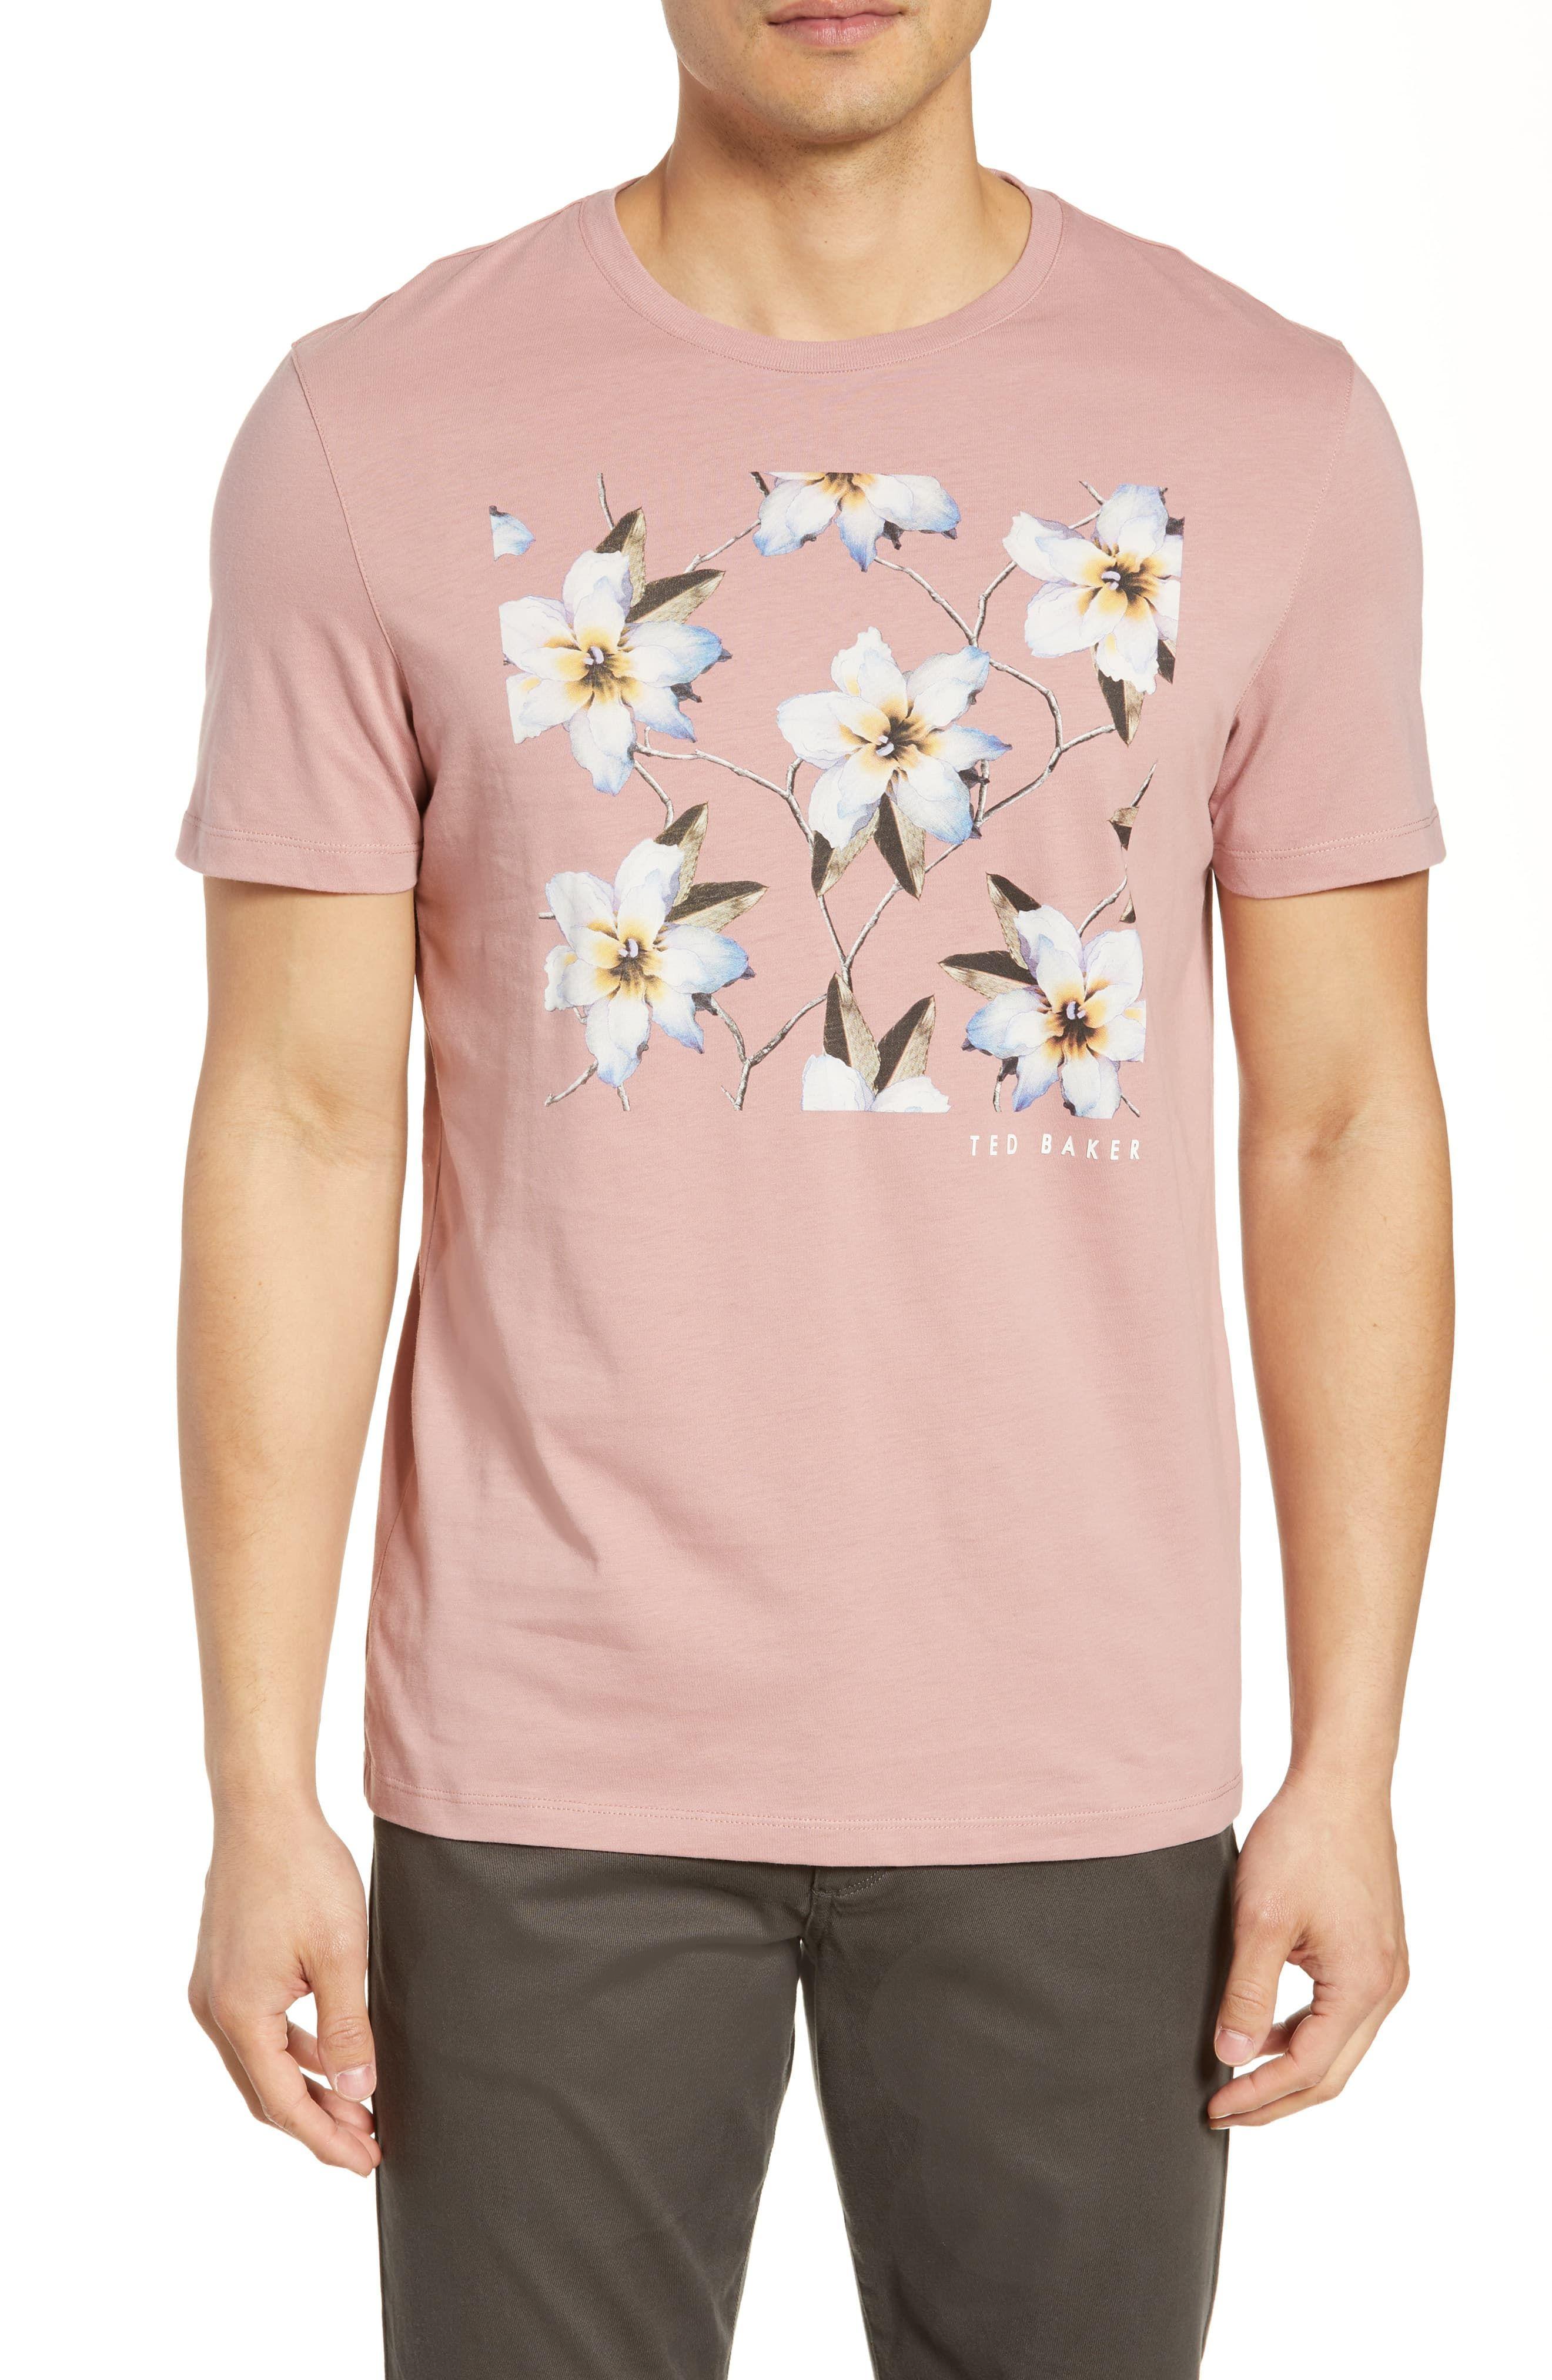 c29e04d8fc39bd Men's Ted Baker London Trim Fit Floral Graphic T-Shirt, Size 3(m ...